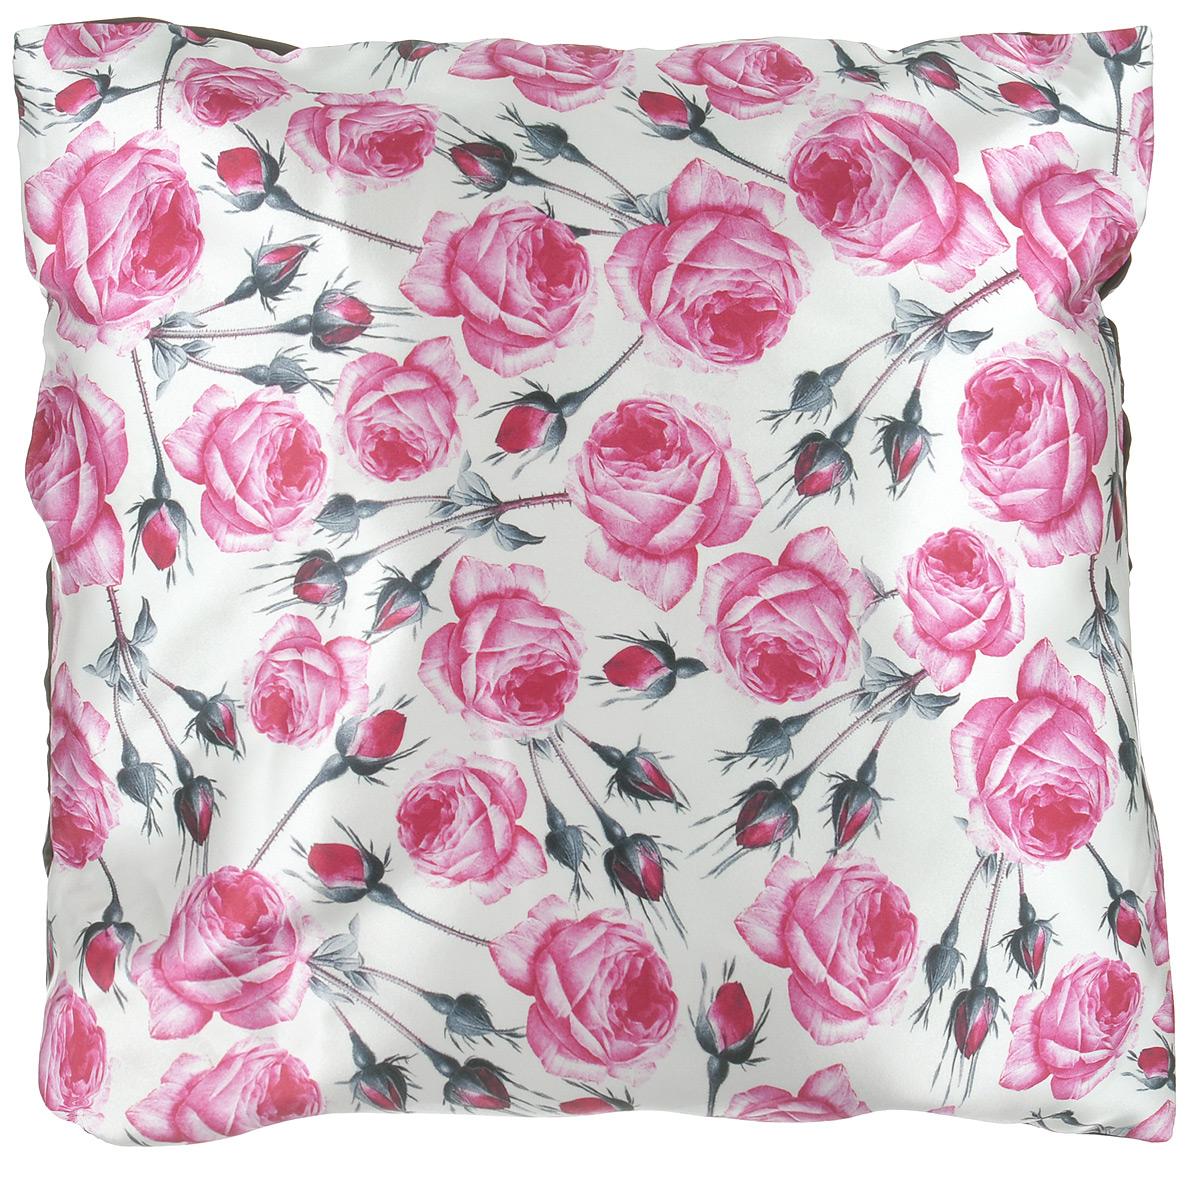 Подушка декоративная Розы, 40 см х 40 см58826розовыйДекоративная подушка Розы прекрасно дополнит интерьер комнаты. Чехол подушки выполнен из гладкого и приятного на ощупь сатина. Чехол на молнии, поэтому подушку легко стирать. Внутри - мягкий наполнитель. Лицевая сторона подушки украшена красочным цветочным рисунком, задняя сторона - насыщенного шоколадного цвета. Стильная и яркая подушка эффектно украсит интерьер и добавит в привычную обстановку изысканность и роскошь.